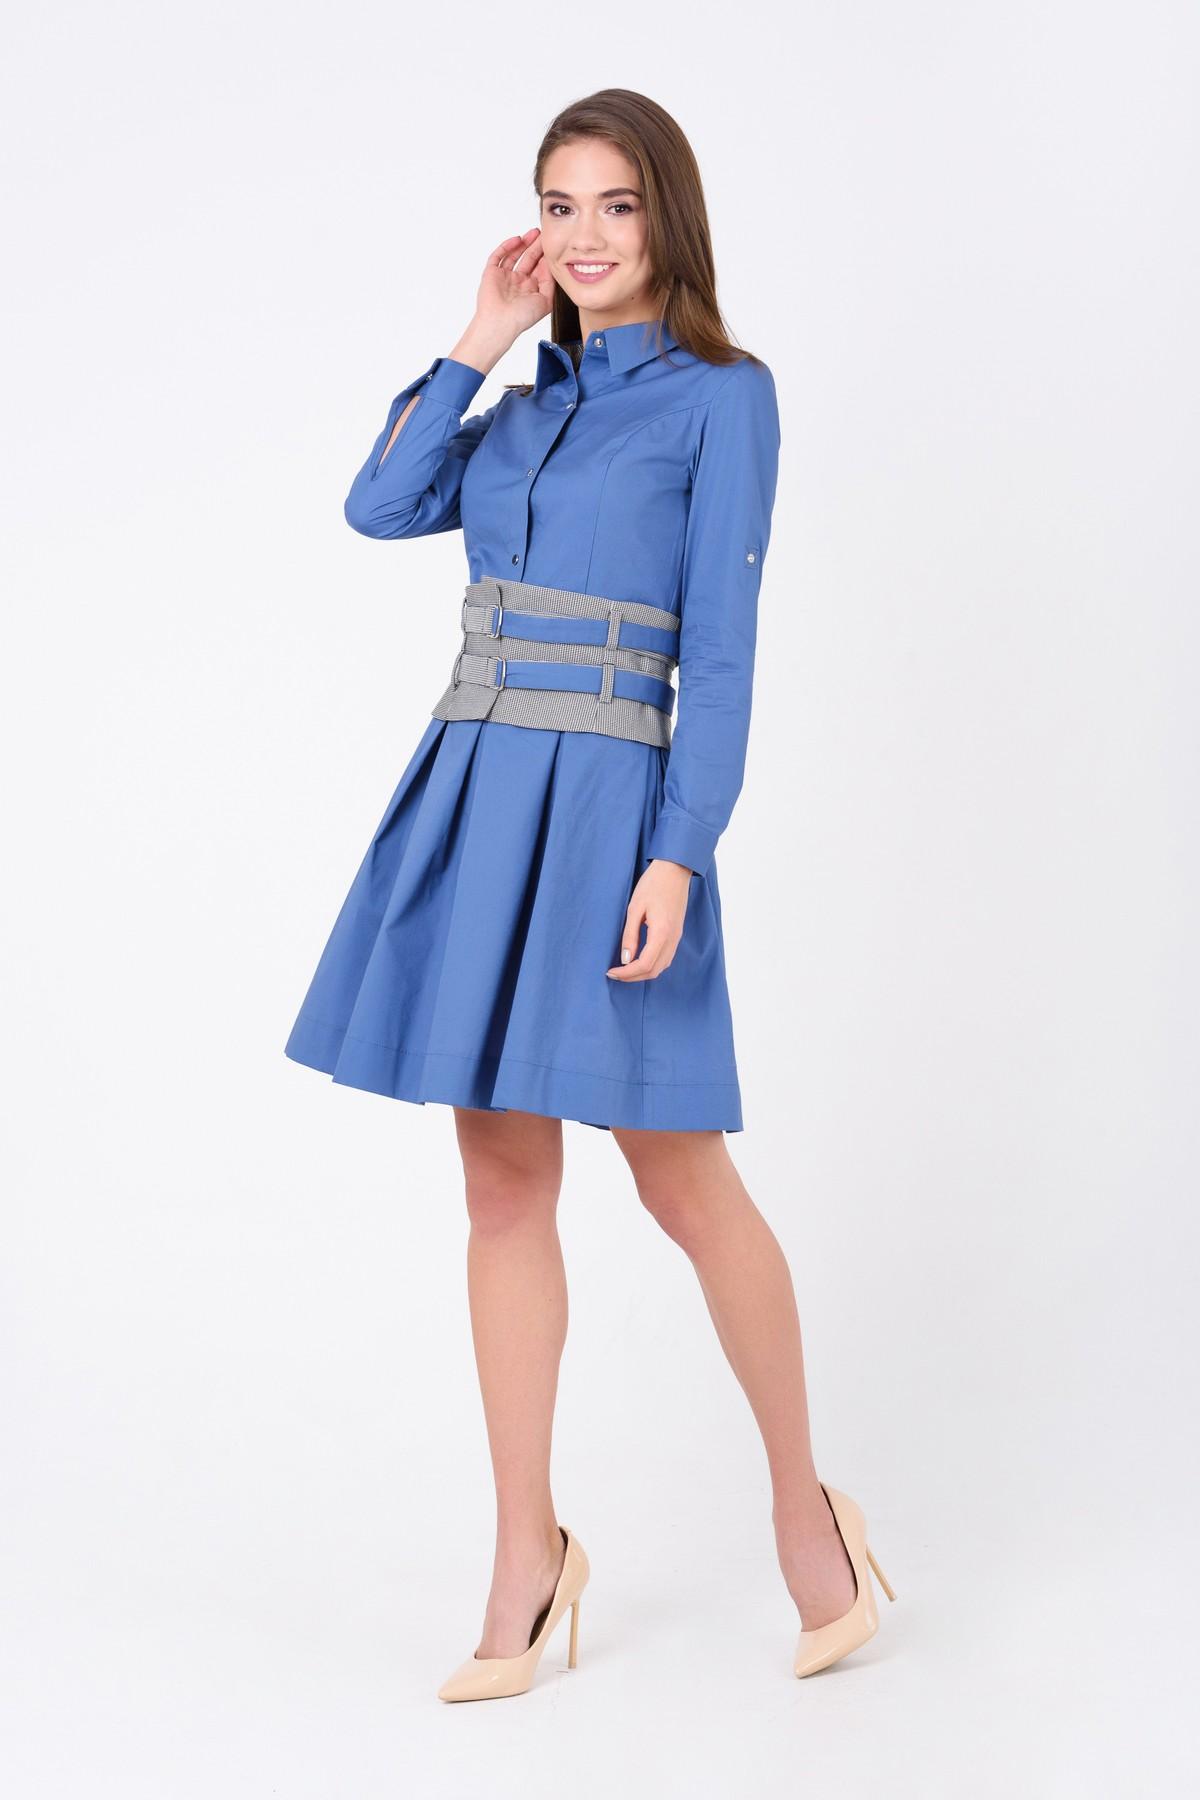 Купить платье для девушек маленького роста